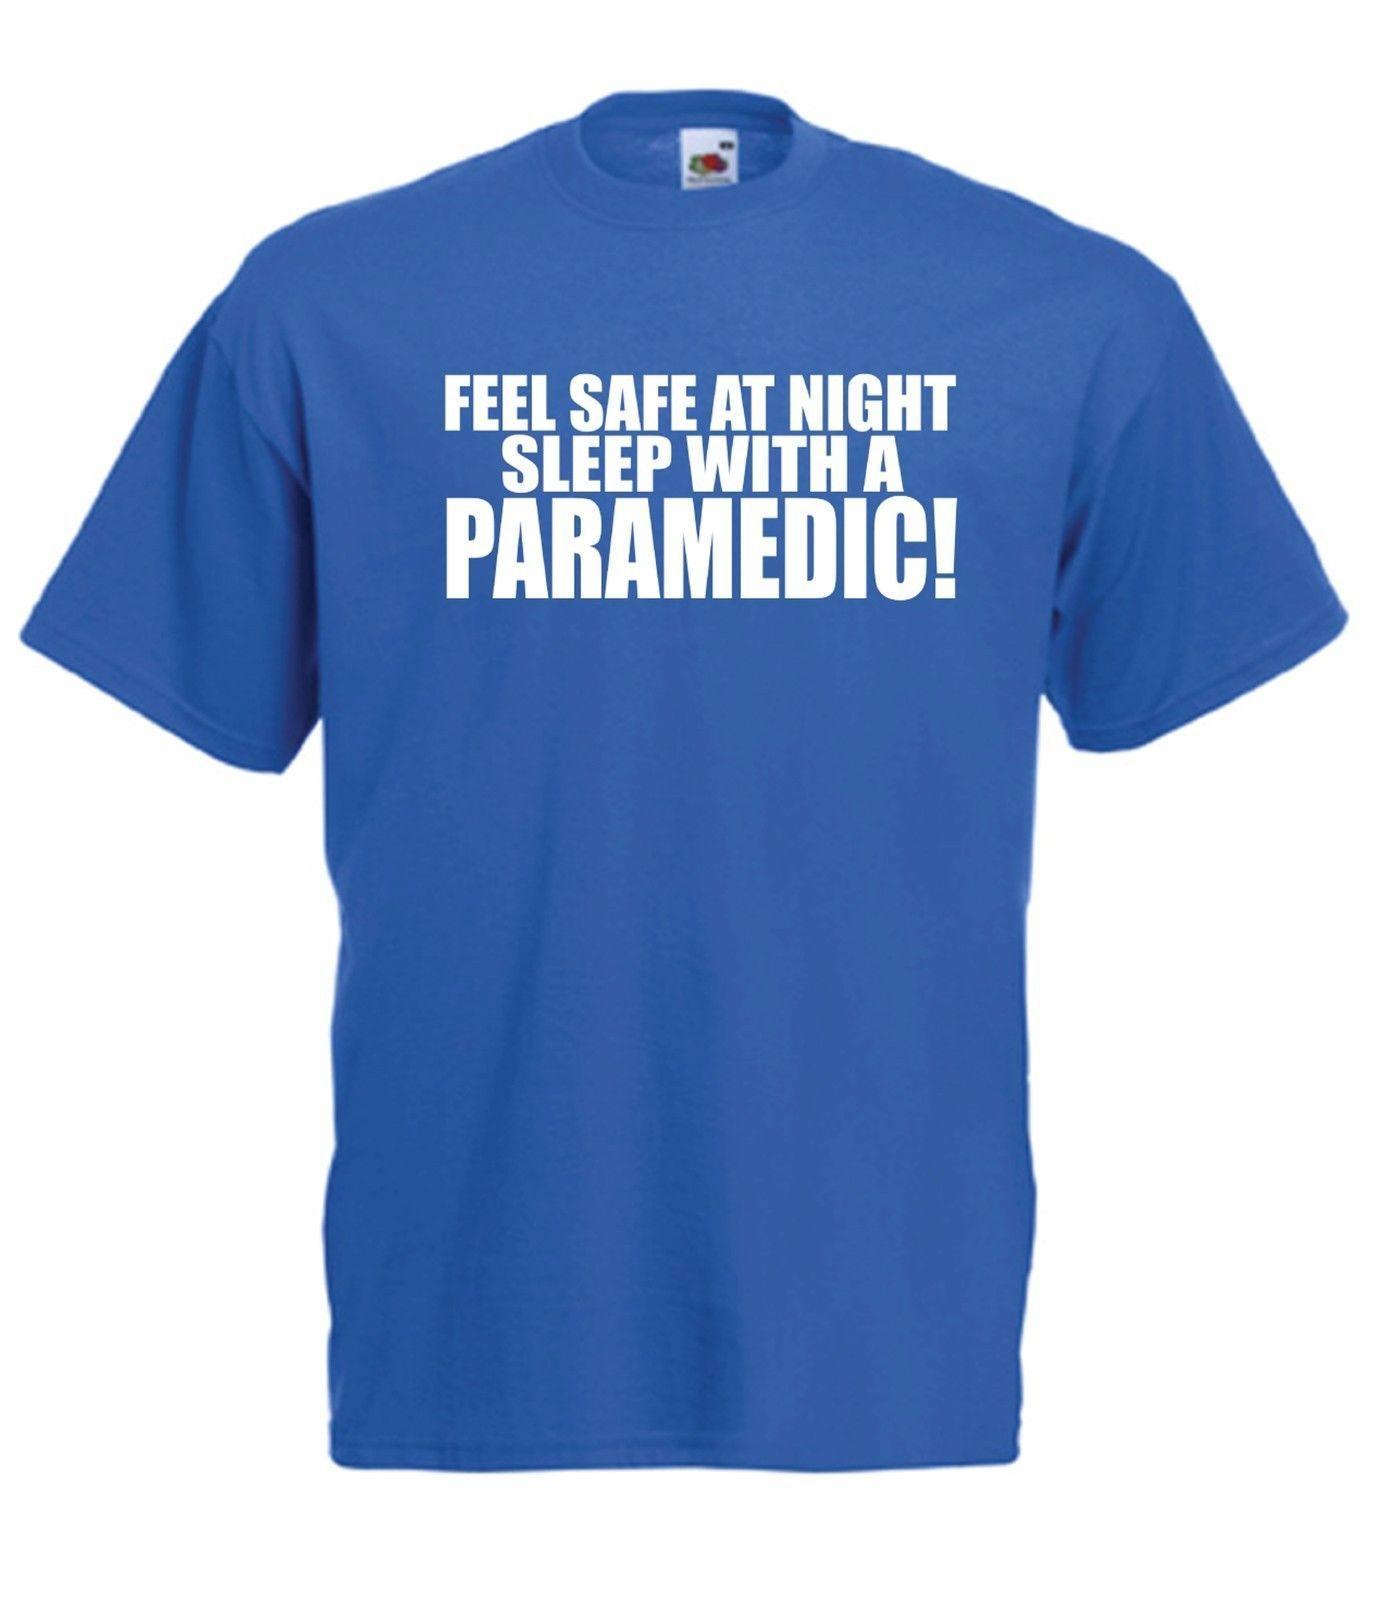 Sleep With Paramedic Funny Ambulance Xmas Birthday Gift Idea Mens